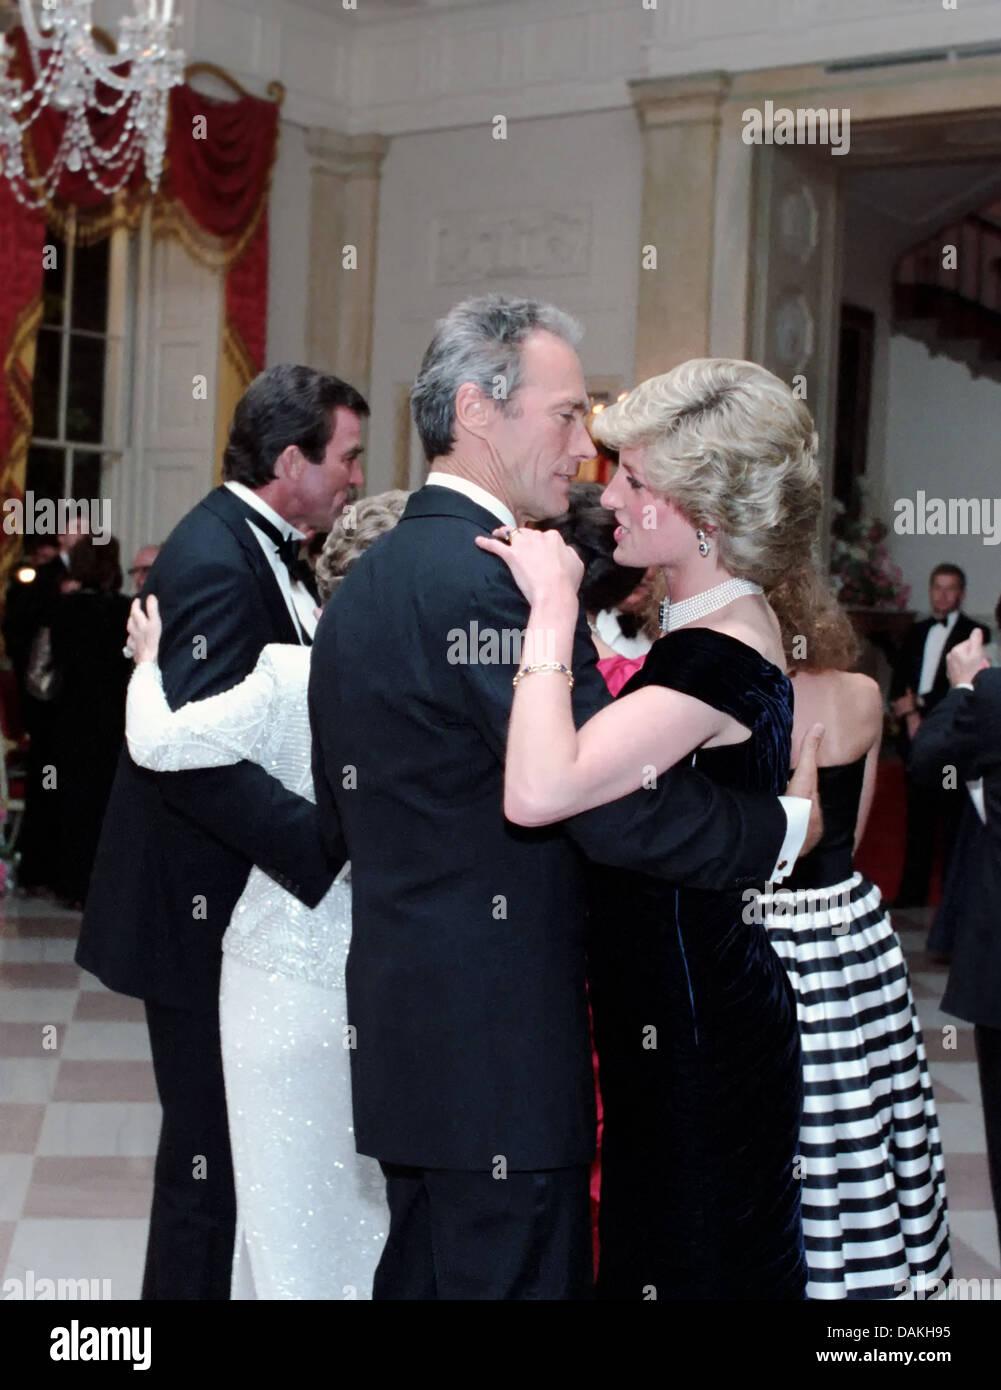 Diana, Princesa de Gales, baila con el actor Clint Eastwood durante una cena de gala de la Casa Blanca en su honor el 9 de noviembre de 1985 en Washington, DC. Foto de stock